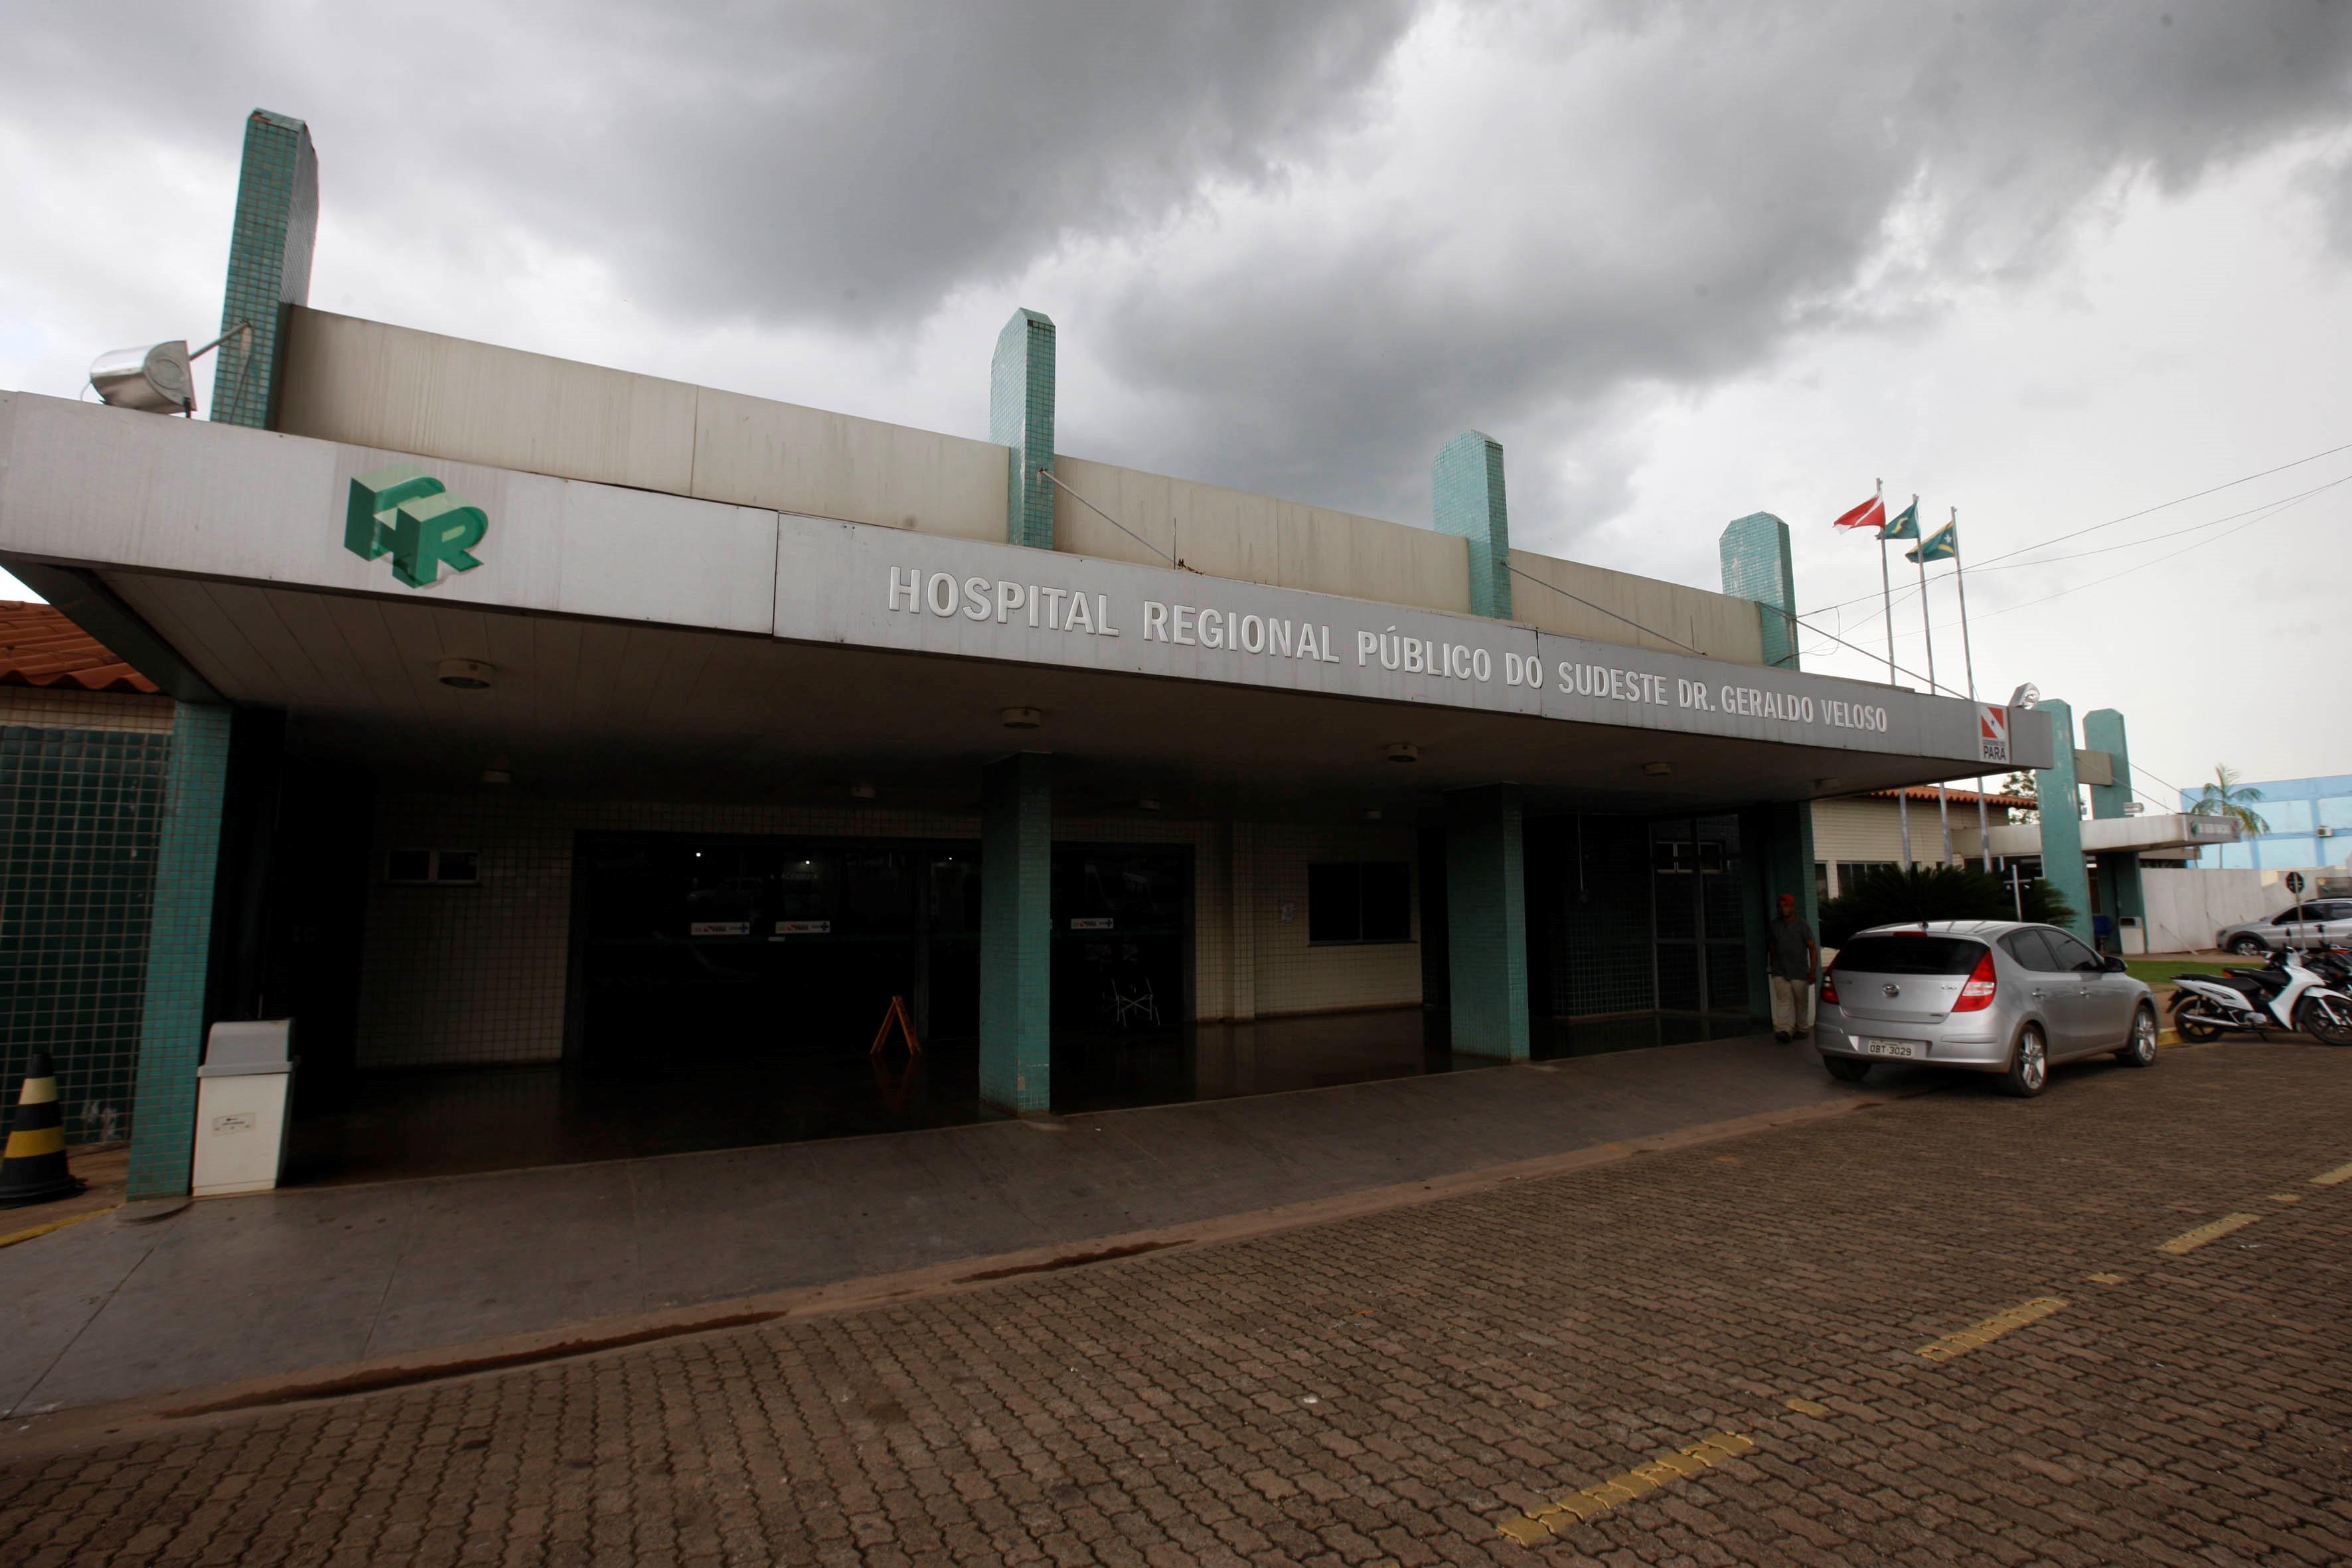 Pela segunda vez no mês, Carajás e Baixo Amazonas atingem 100% de ocupação nos leitos clínicos para Covid-19